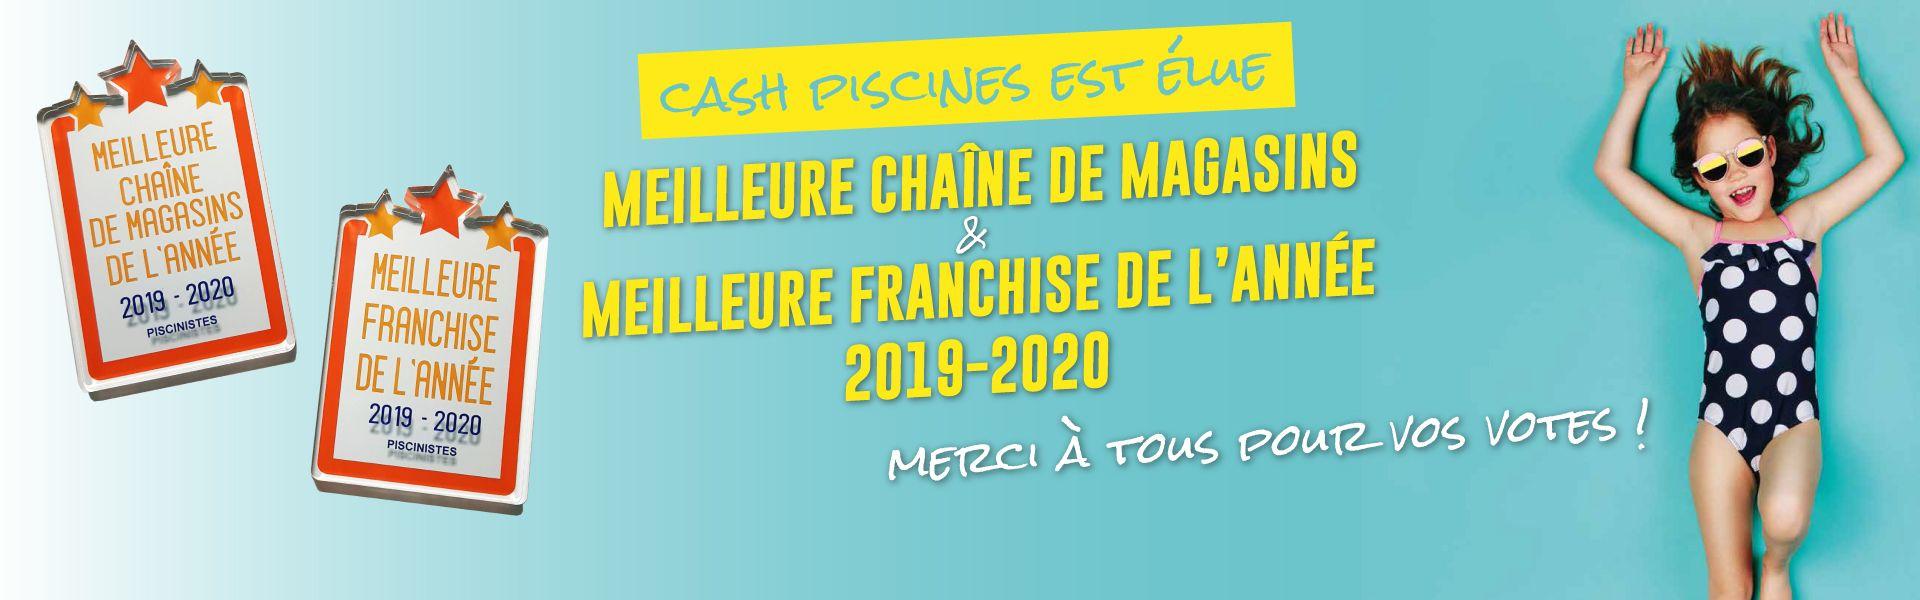 Cash Piscines - Tout Pour La Piscine & Spas Gonflables ... destiné Cash Piscine Bordeaux